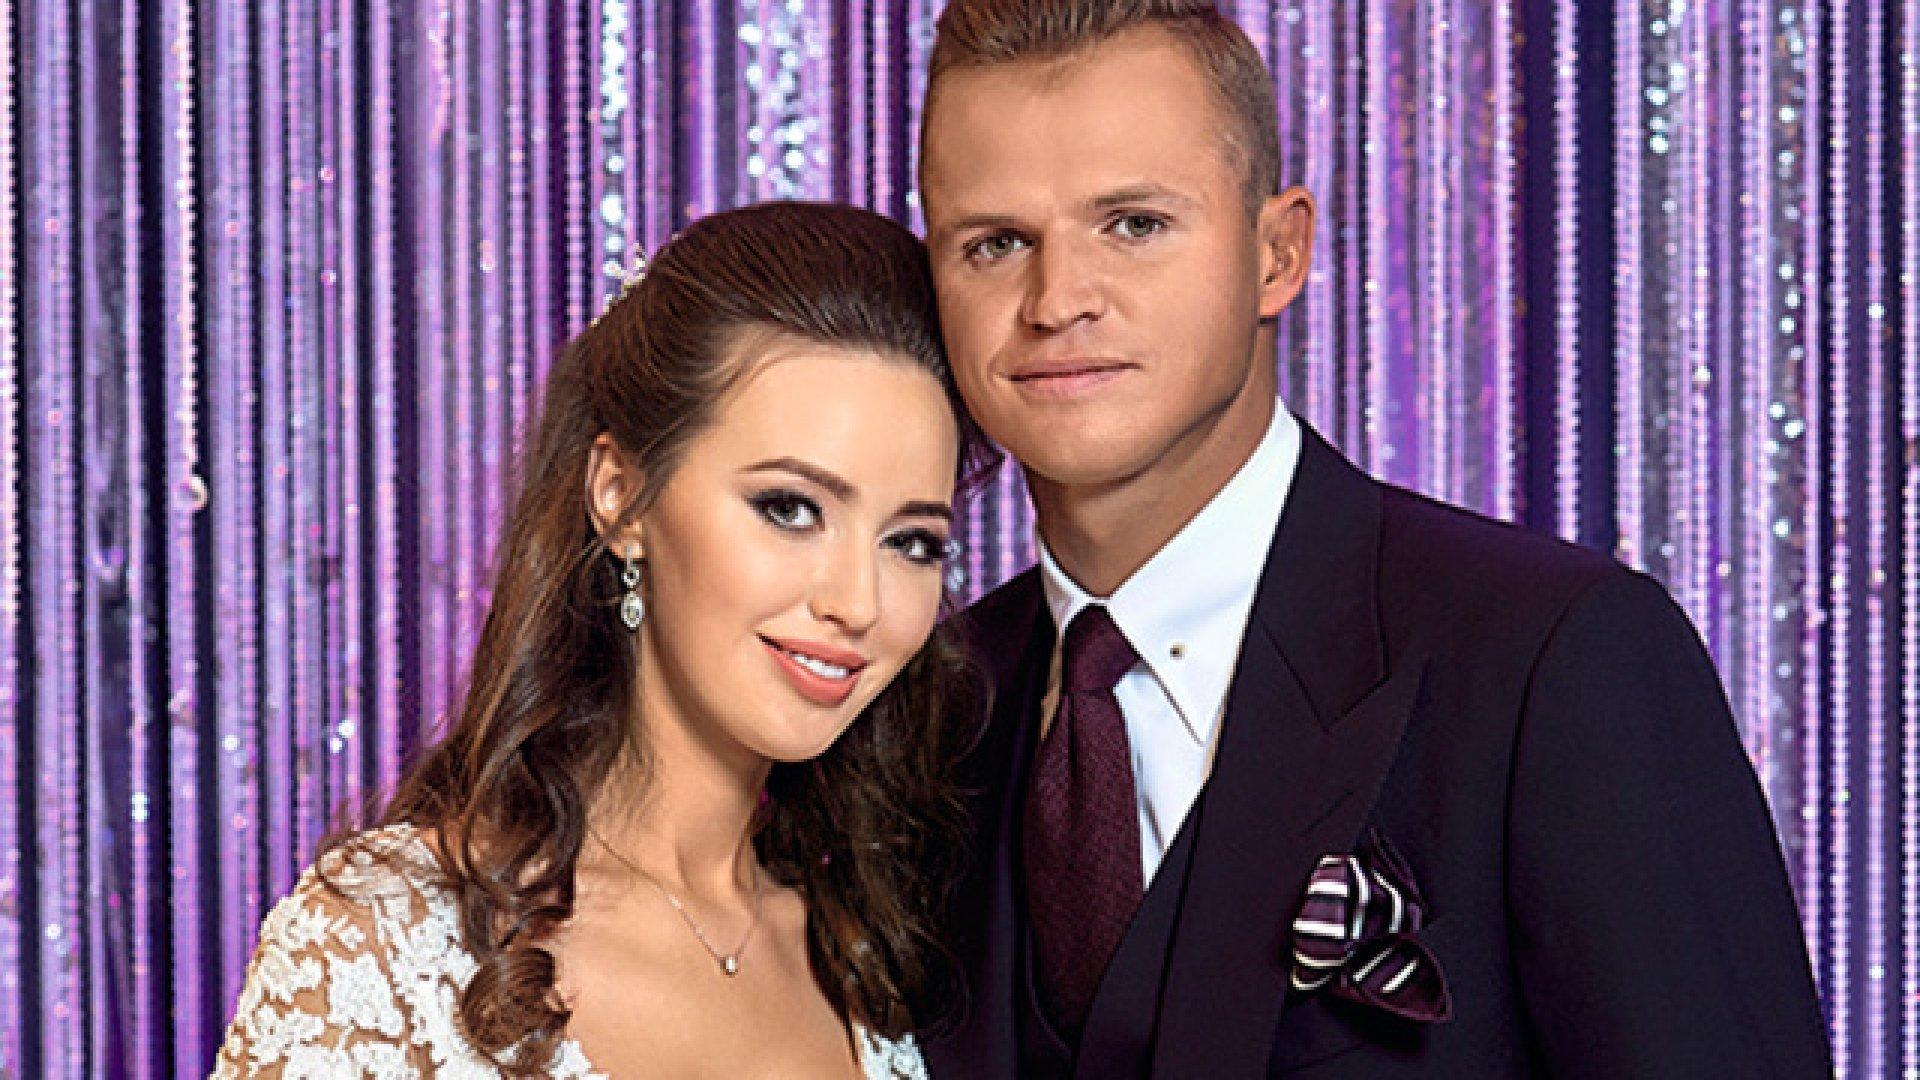 Анастасия Костенко помогает Дмитрию Тарасову рассчитаться с долгом по алиментам